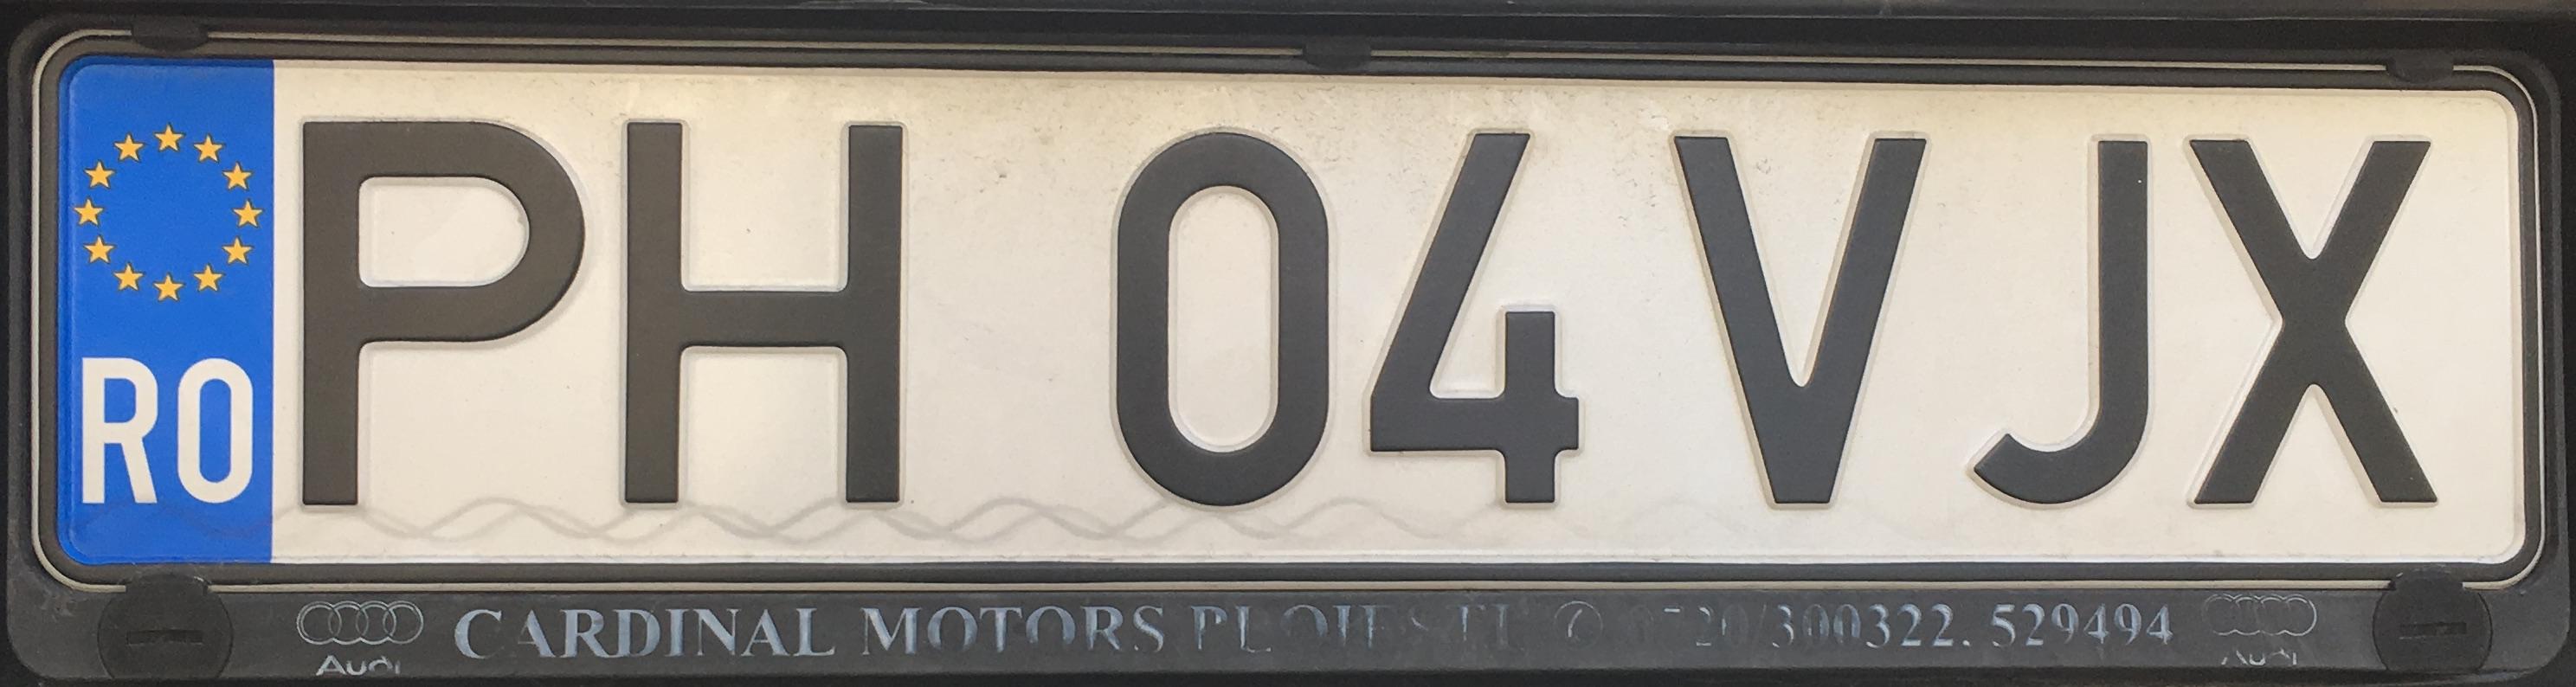 Registrační značky Rumunsko – PH – Prahova, foto: www.podalnici.cz